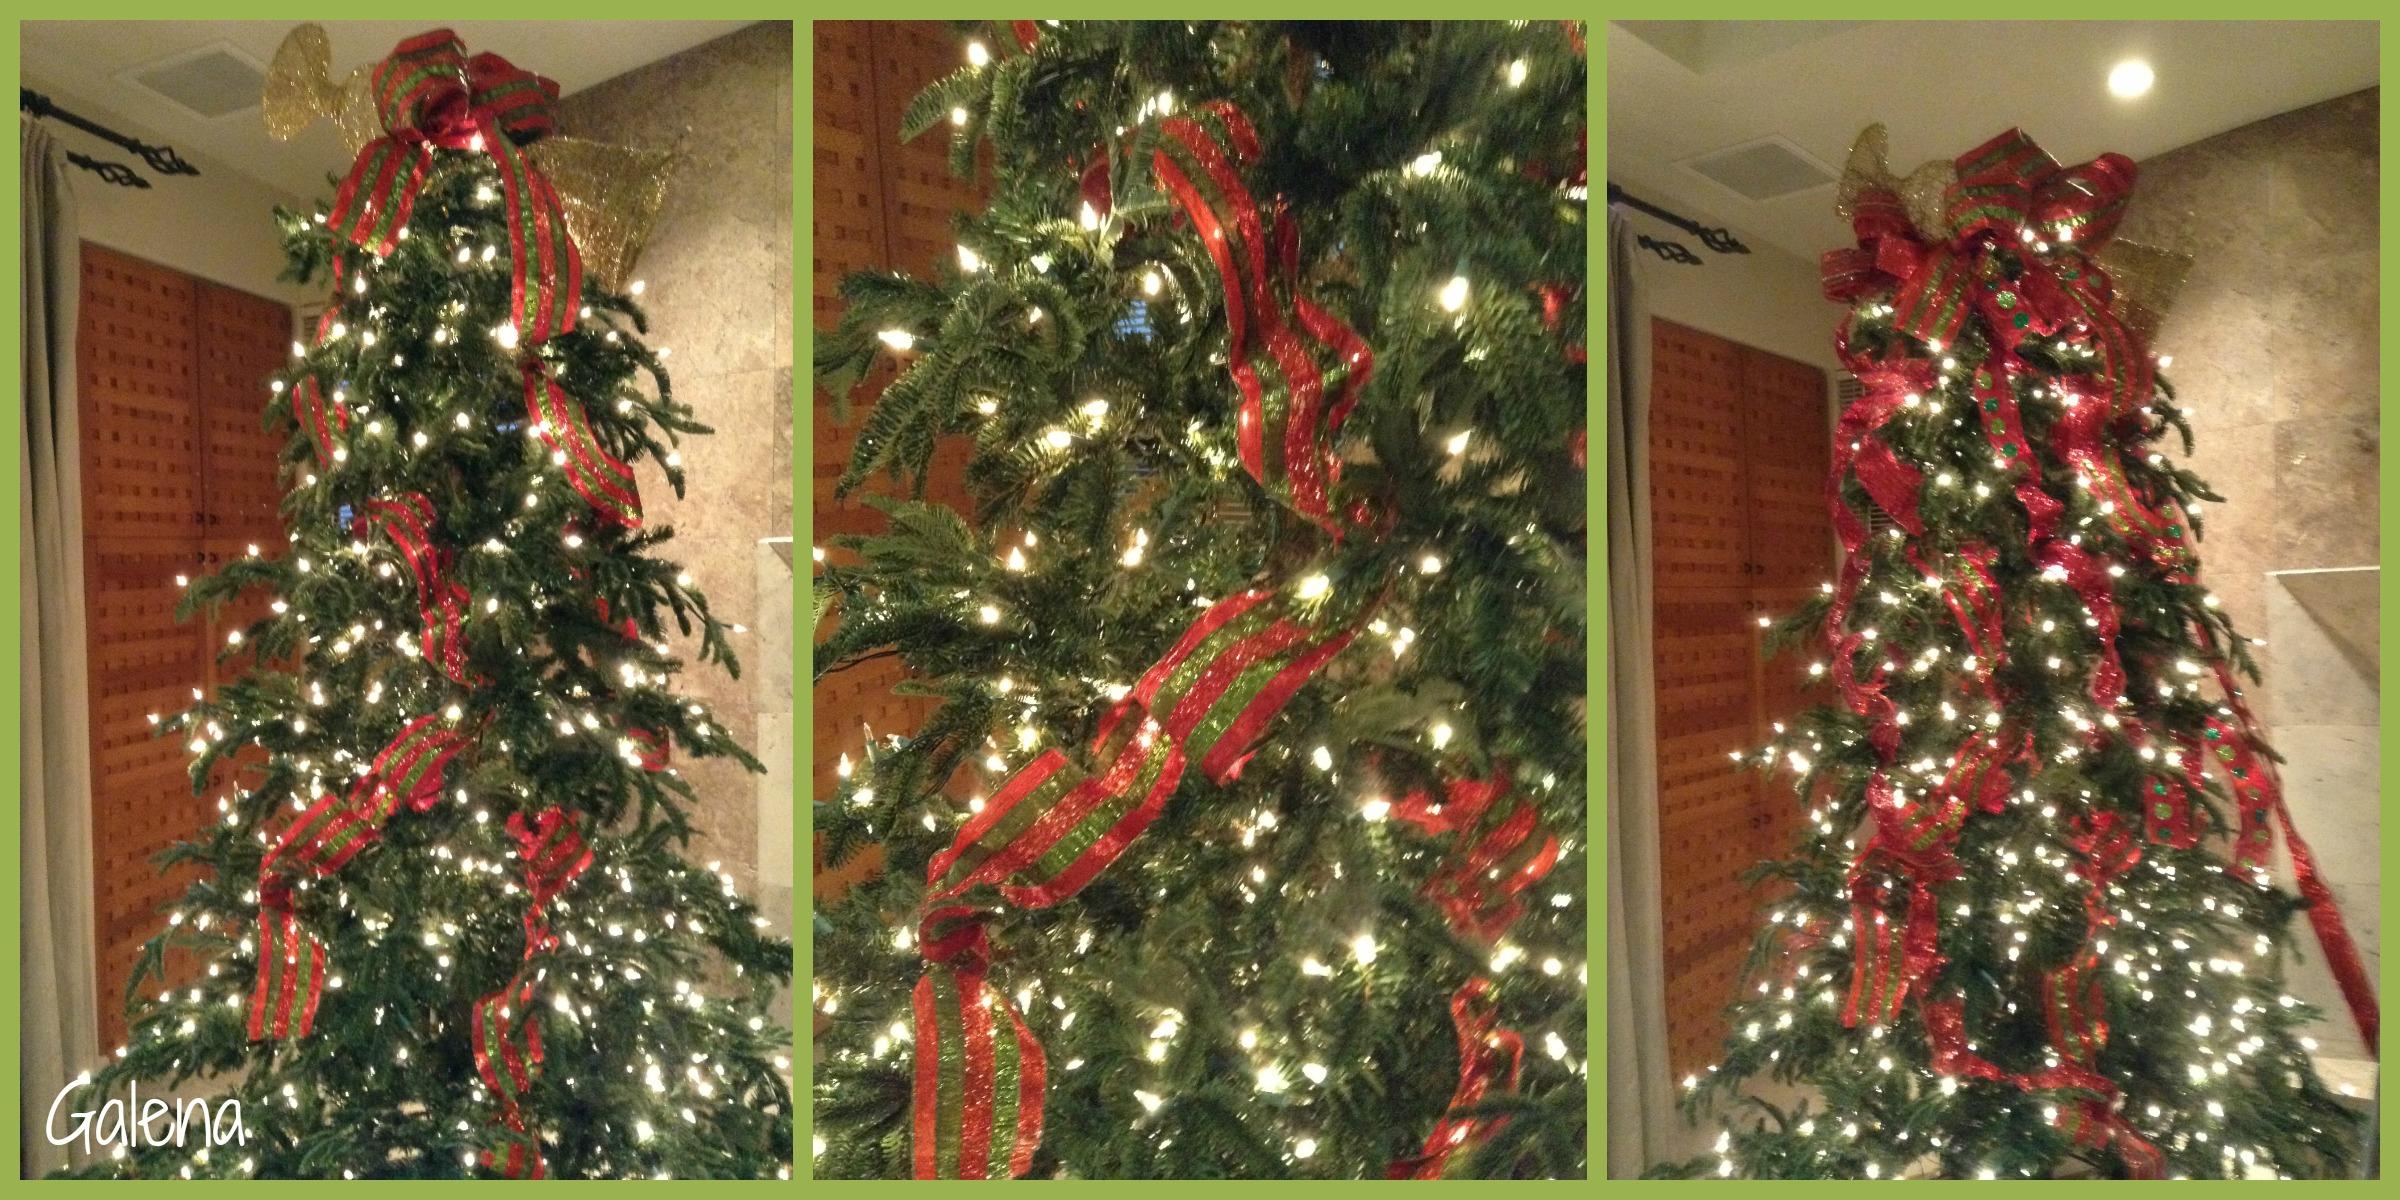 para poner los listones al rbol de navidad